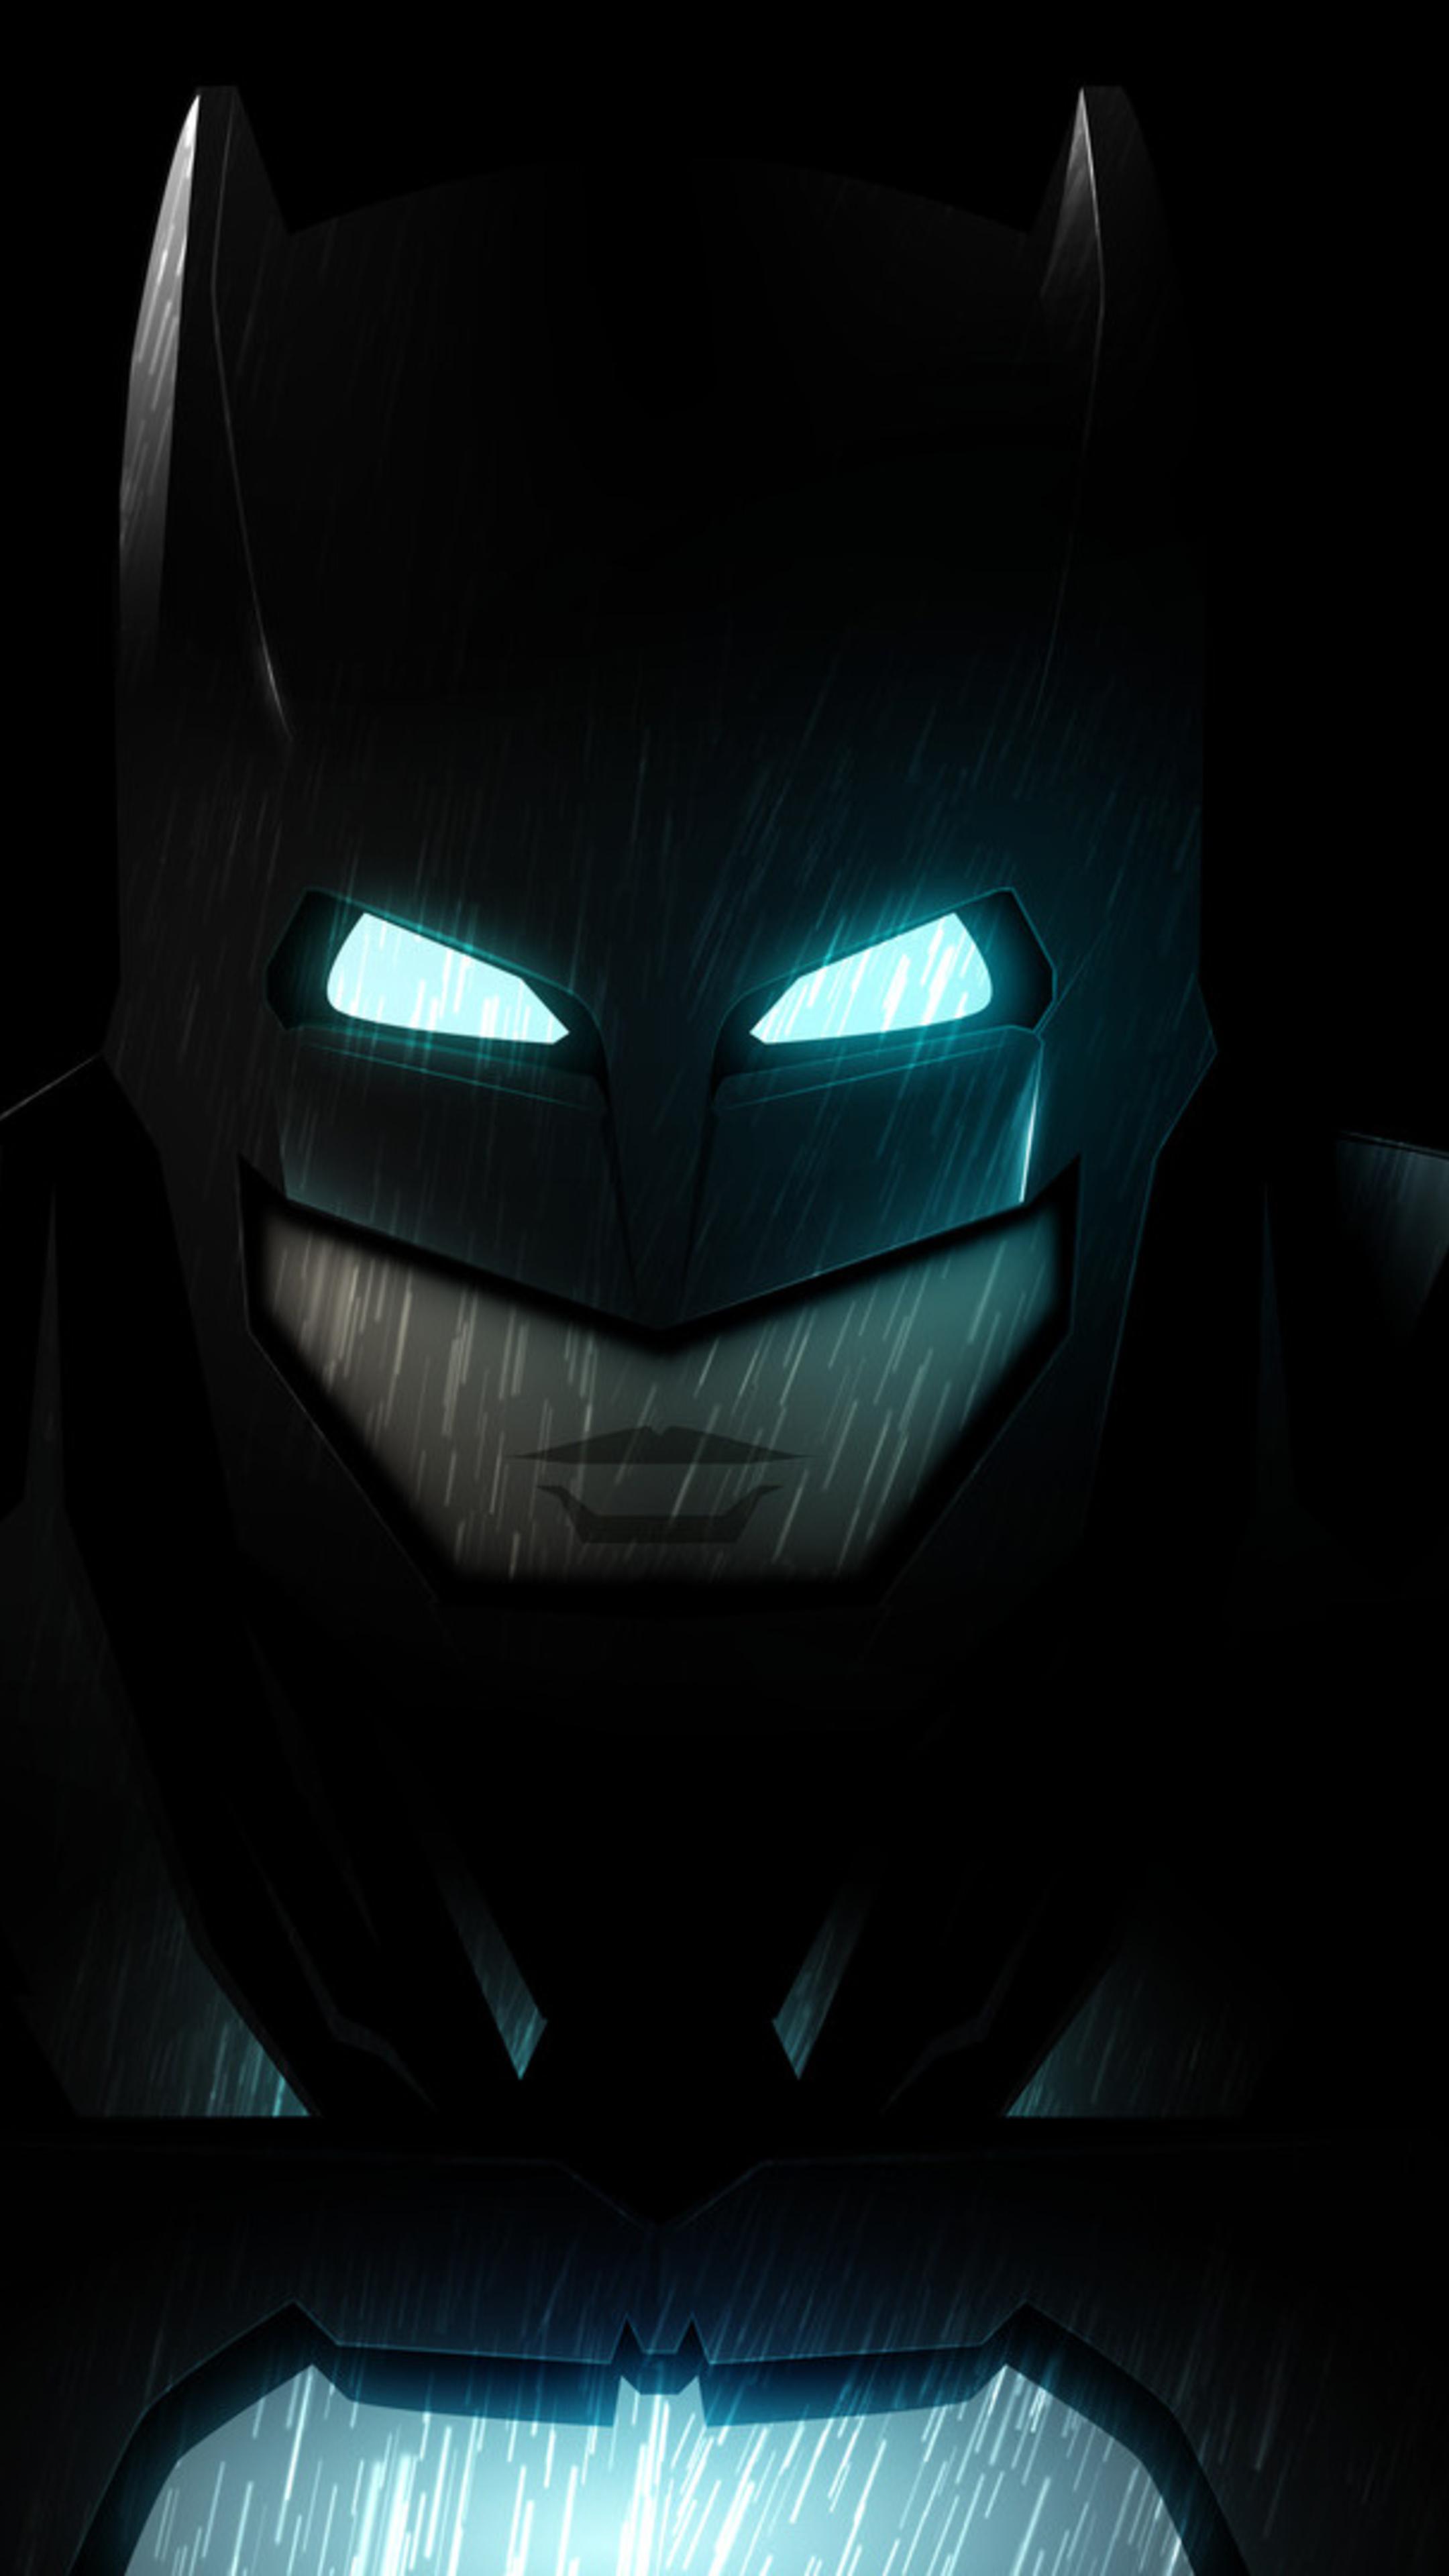 2160x3840 Batman 1080p Artwork Sony Xperia X,XZ,Z5 Premium ...